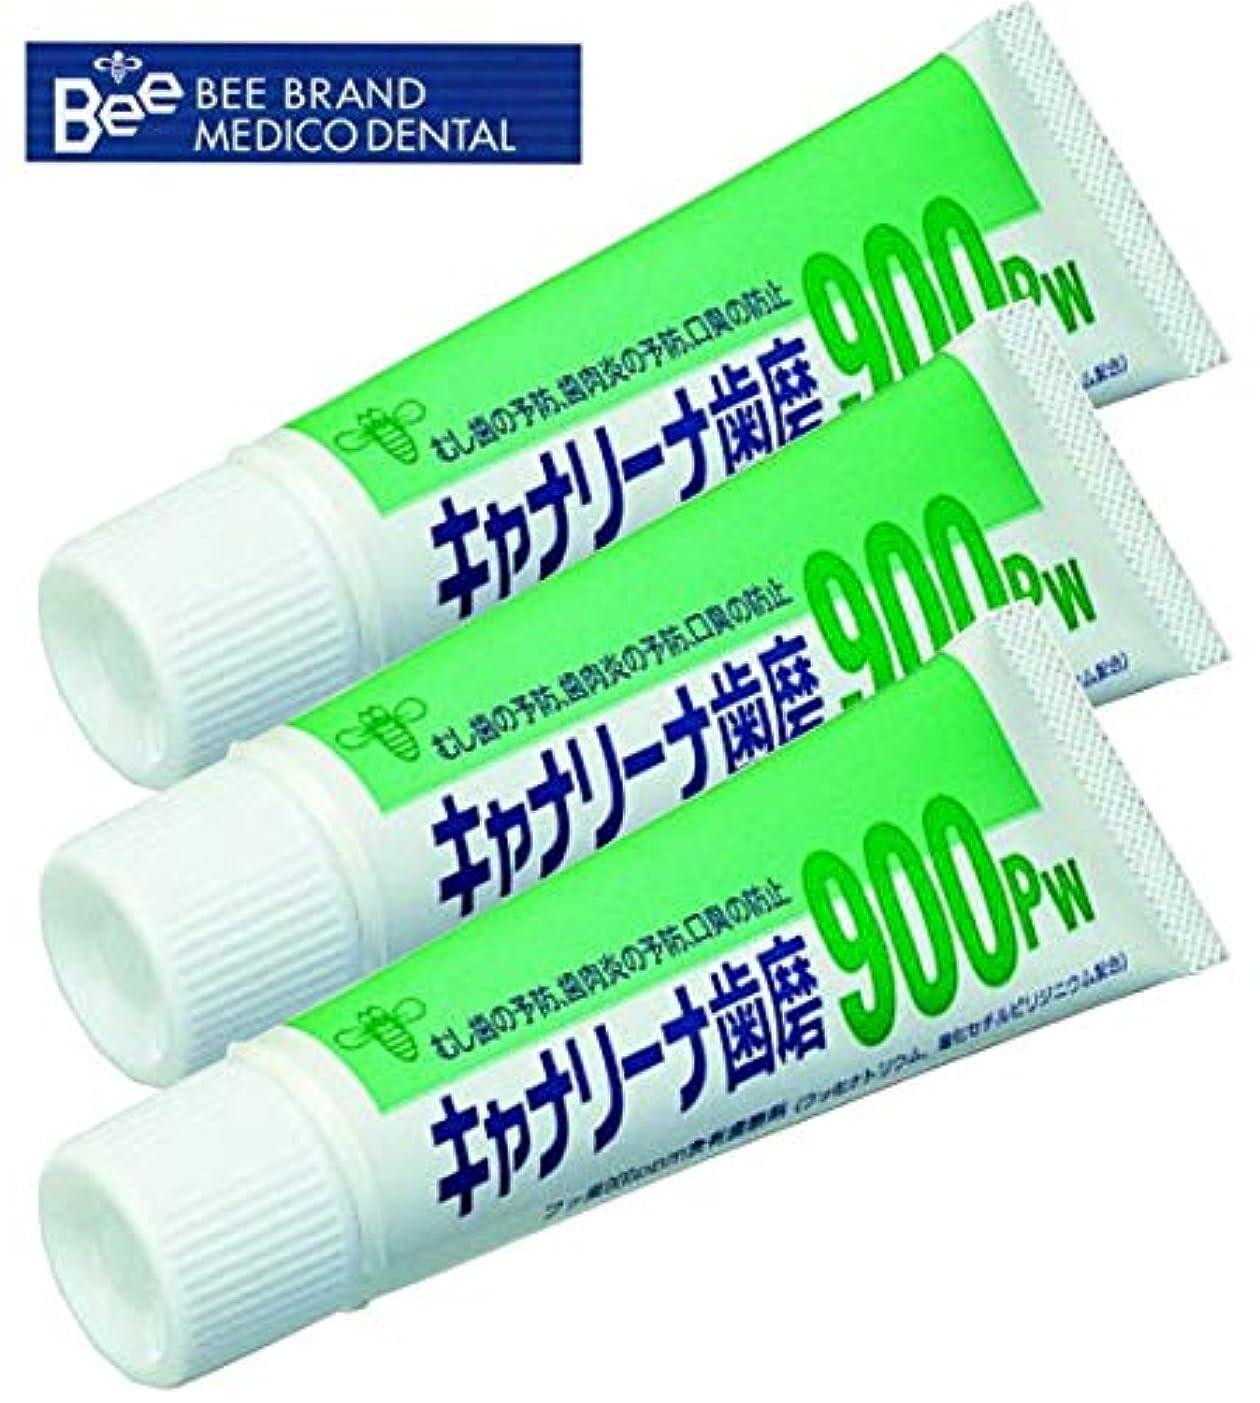 卵アドバンテージ同時ビーブランド(BeeBrand) キャナリーナ 歯磨 900Pw × 3本セット 医薬部外品